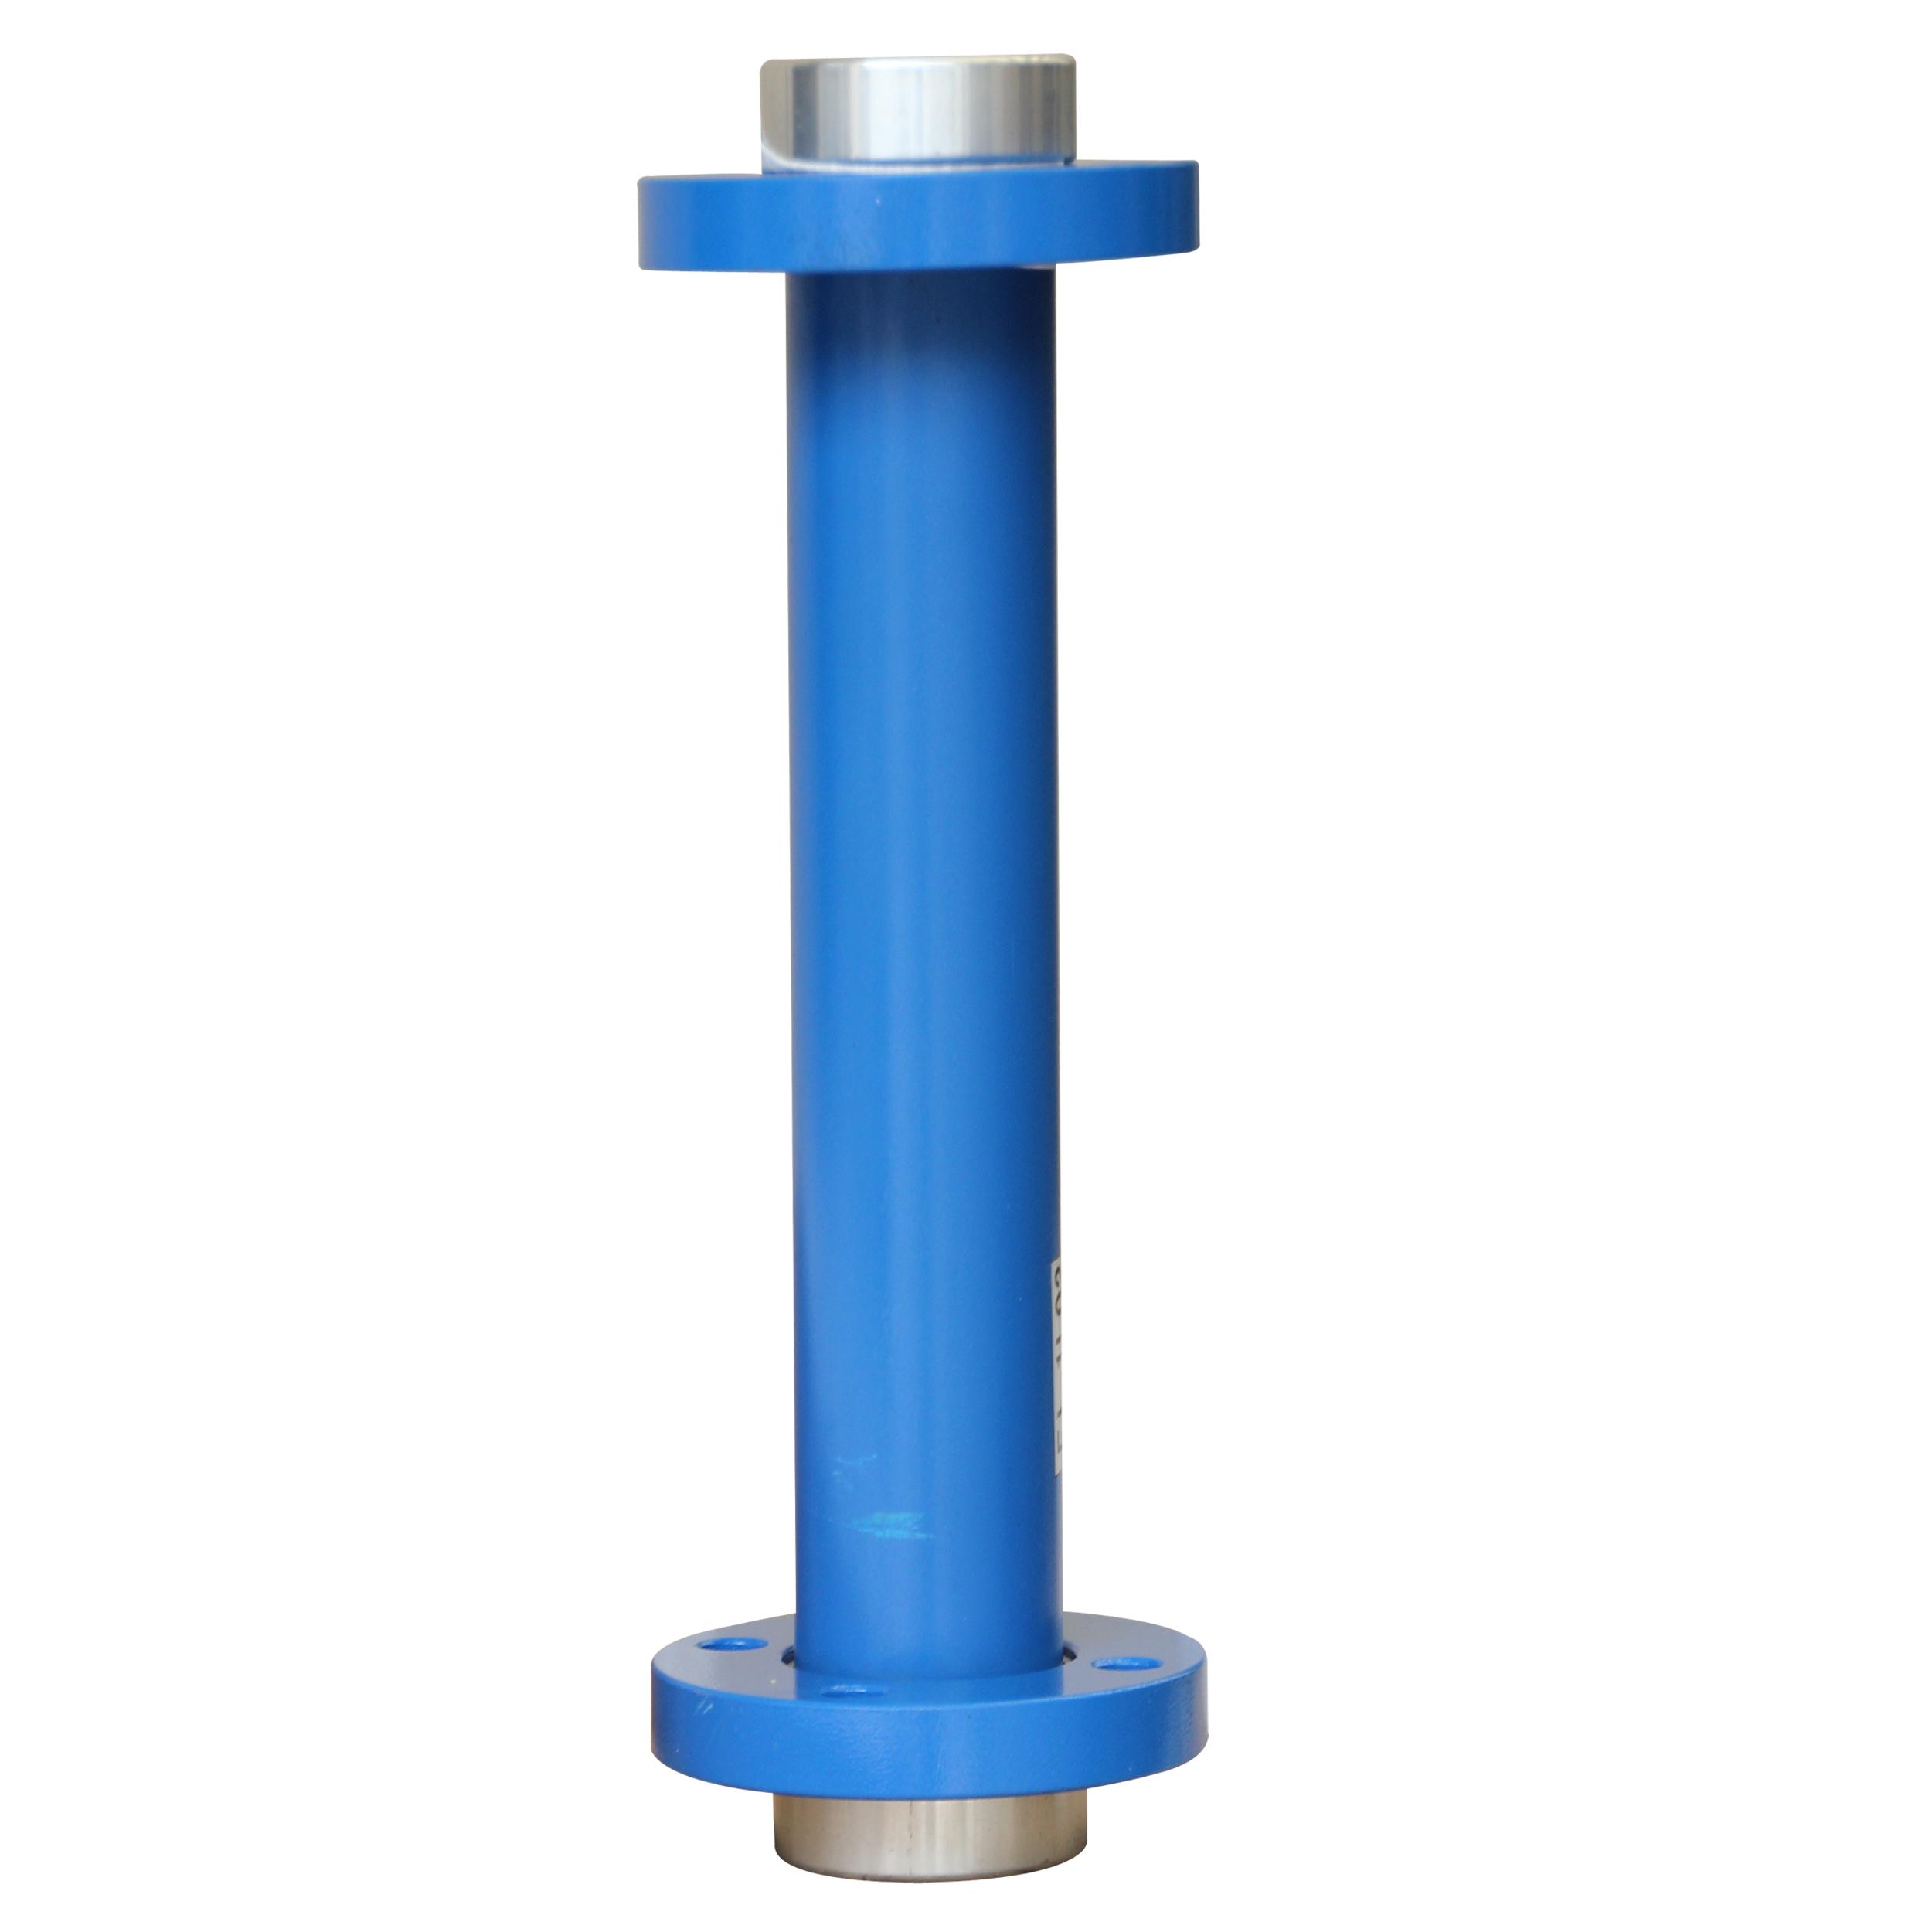 成丰仪表测量强腐蚀介质流量计内衬四氟 防腐性能好玻璃管浮子流量计F10-40F0